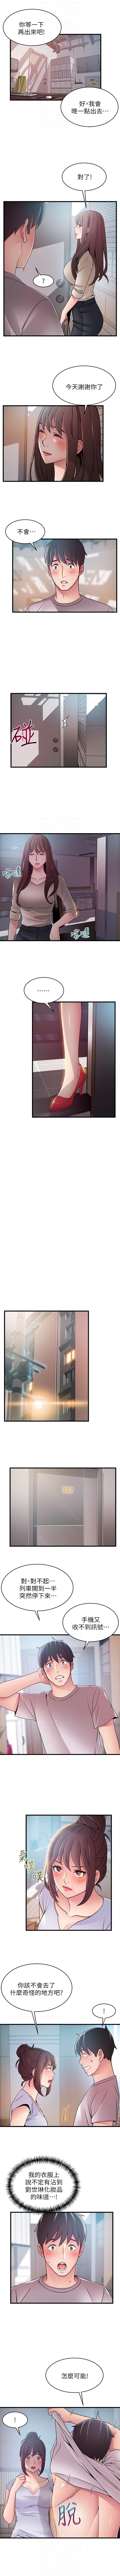 弱点 1-64 中文翻译(更新中) 291